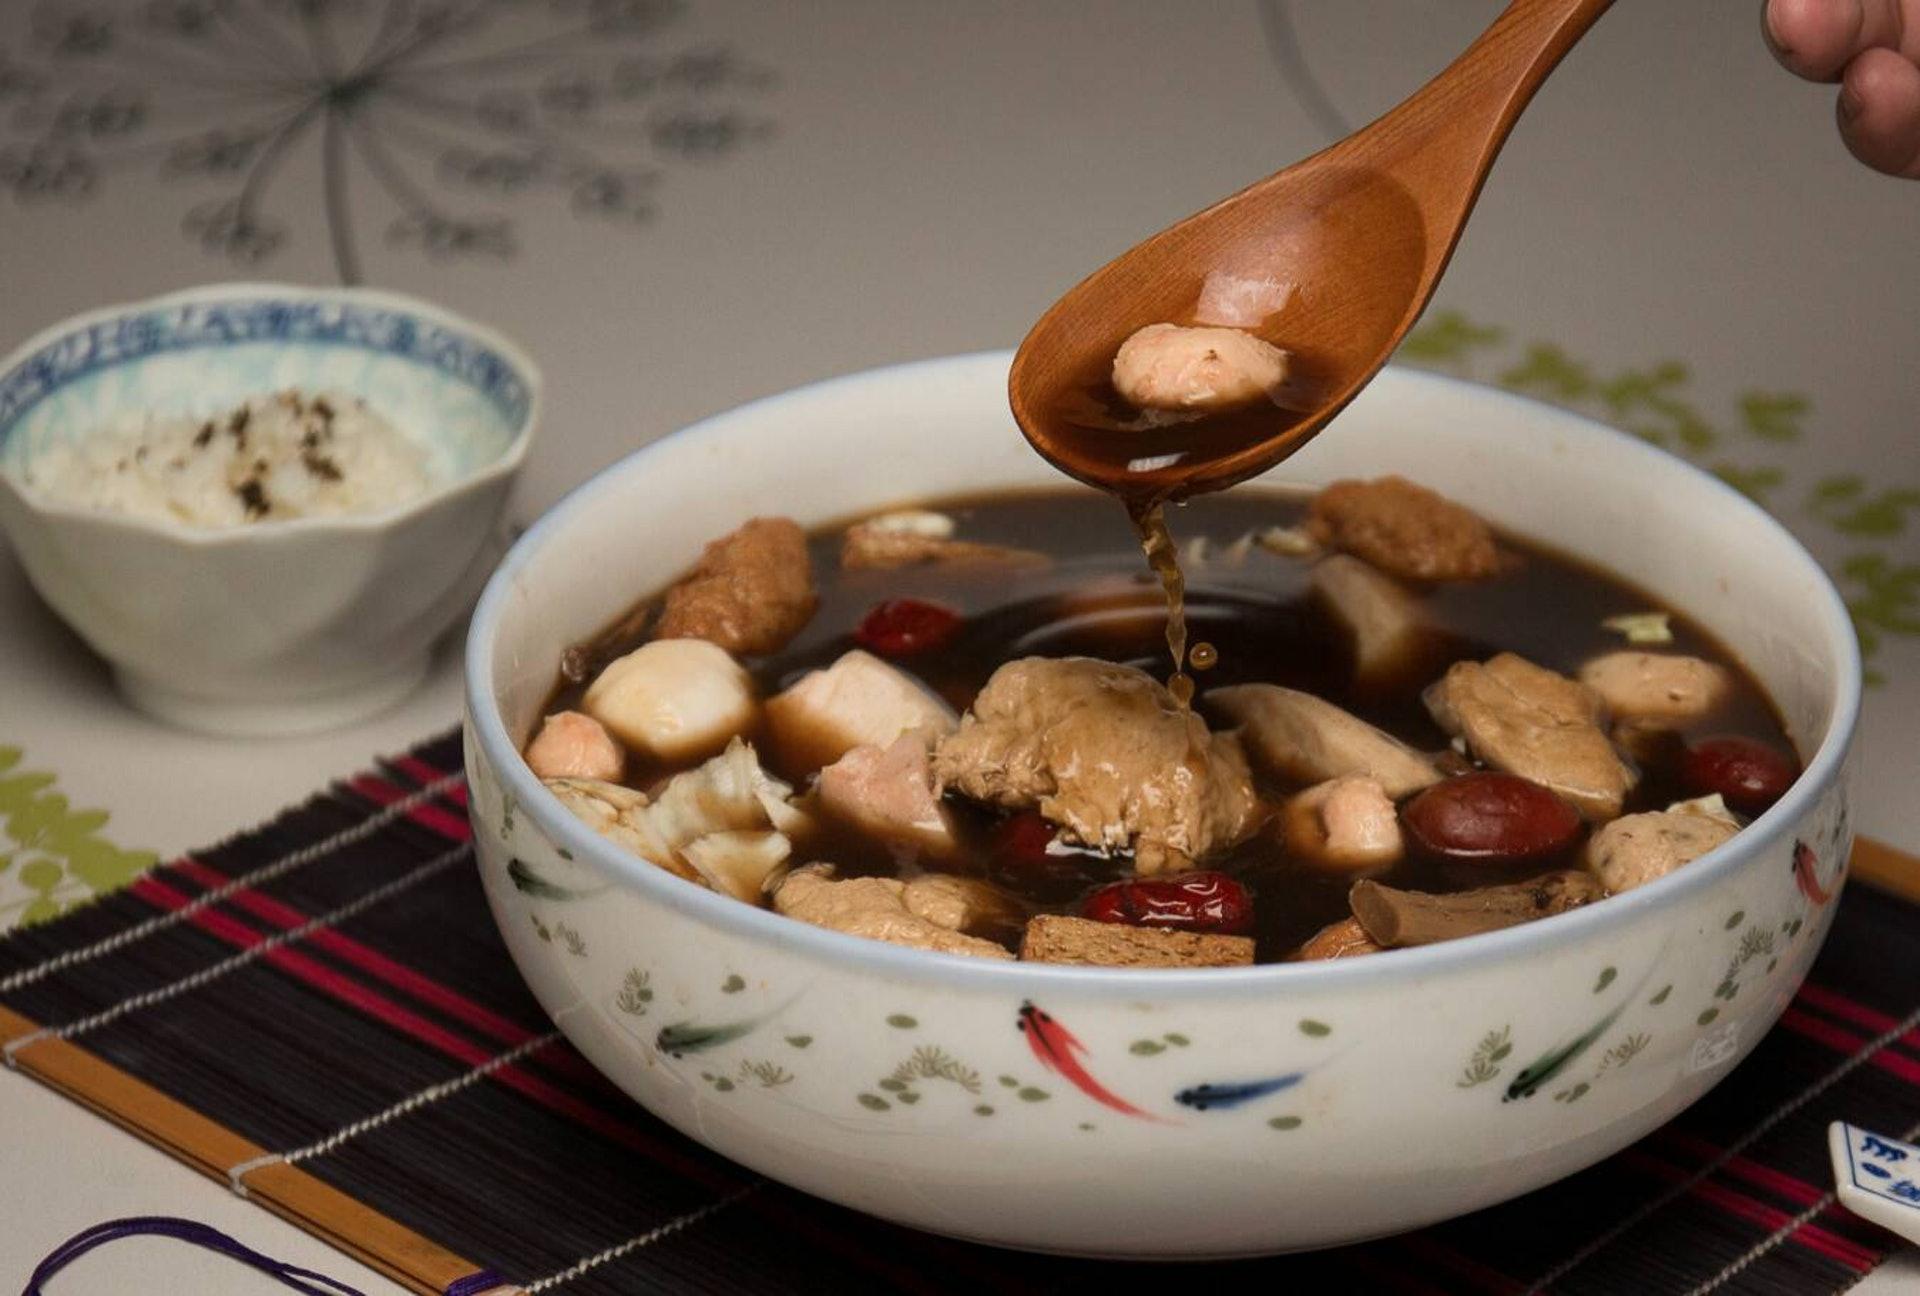 坐月第三階段是「益氣養血,補腎壯骨」,可用「十全大補湯」,主要材料有人參(可用黨參取代)、白朮、茯苓、甘草、當歸、川芎、熟地黃、白芍、黃耆、肉桂、生薑及大棗。(圖片:tcfood)